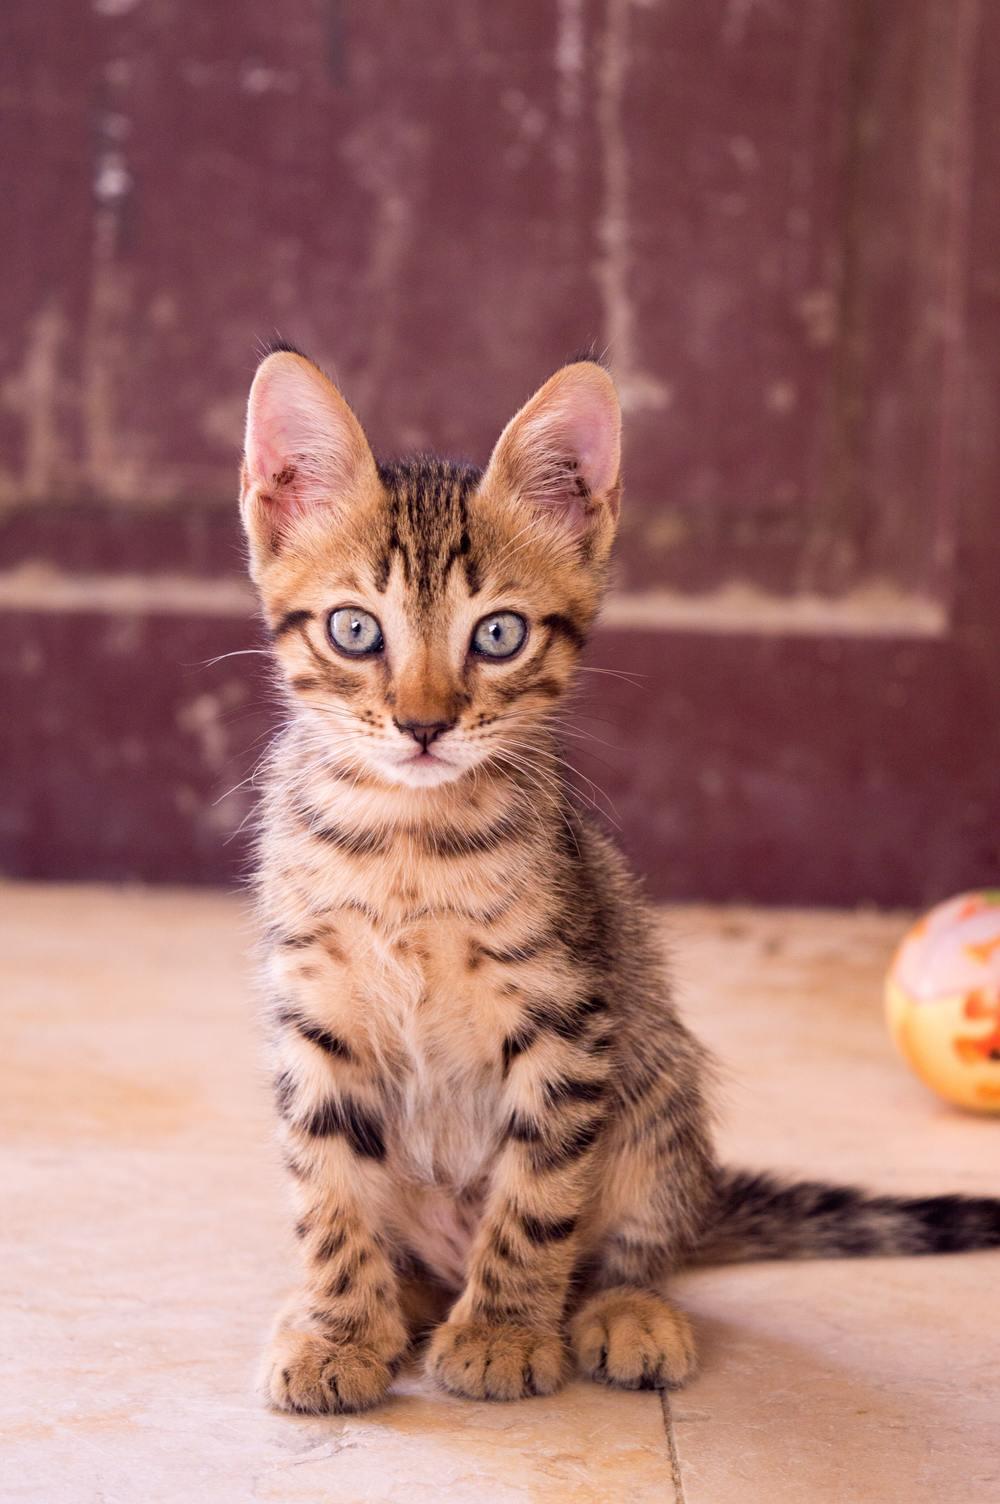 Hình ảnh mèo mướp bé